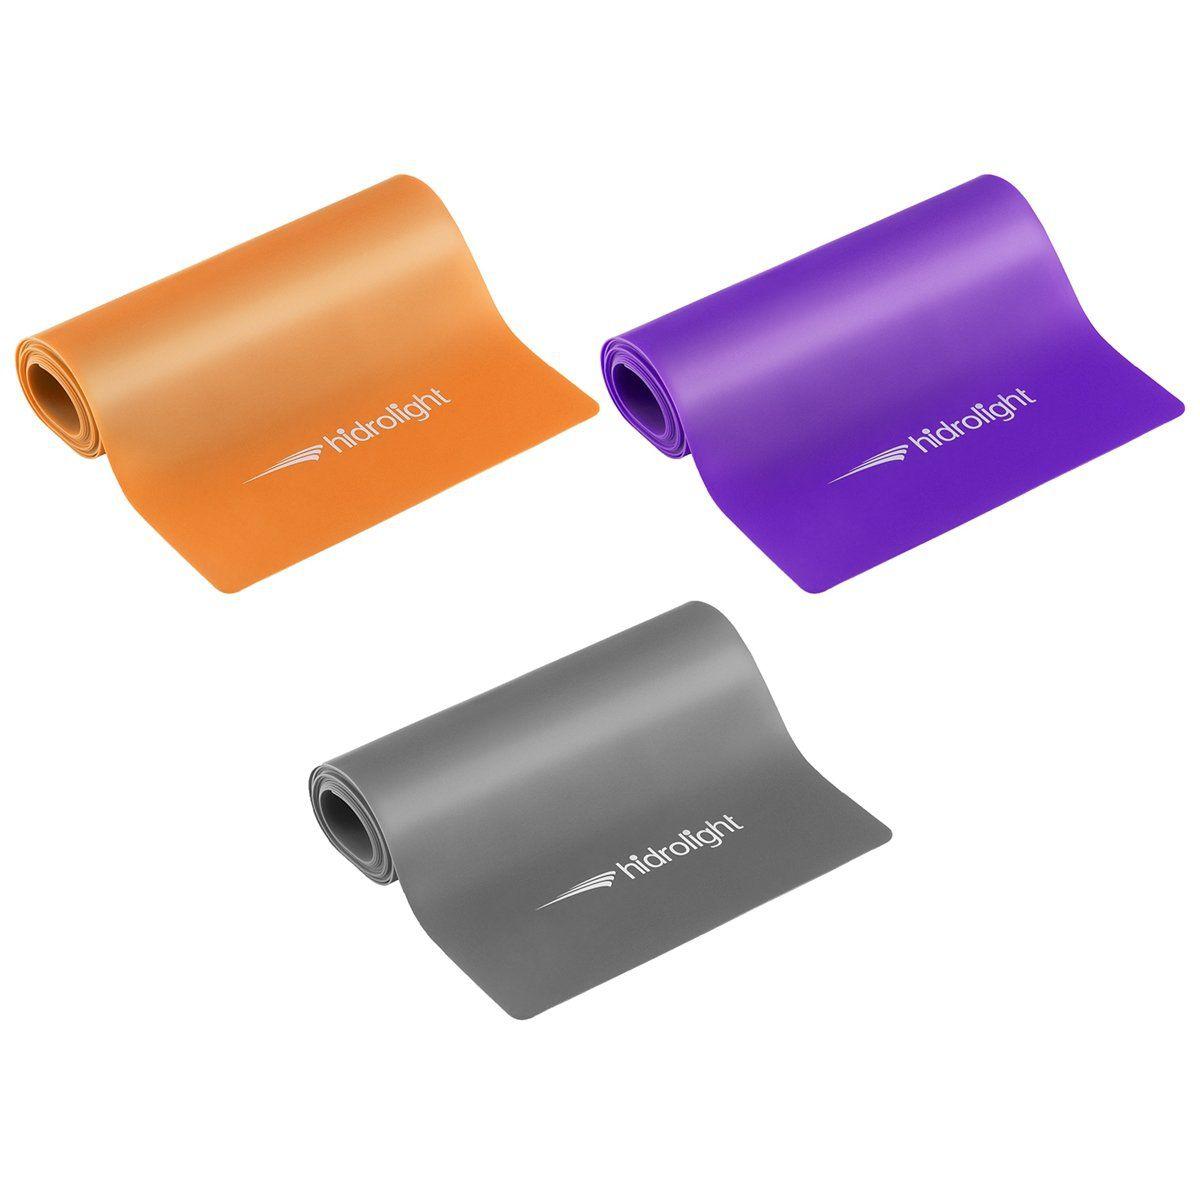 Kit 3 Faixas Elásticas Latex Band Pilates Yoga Hidrolight